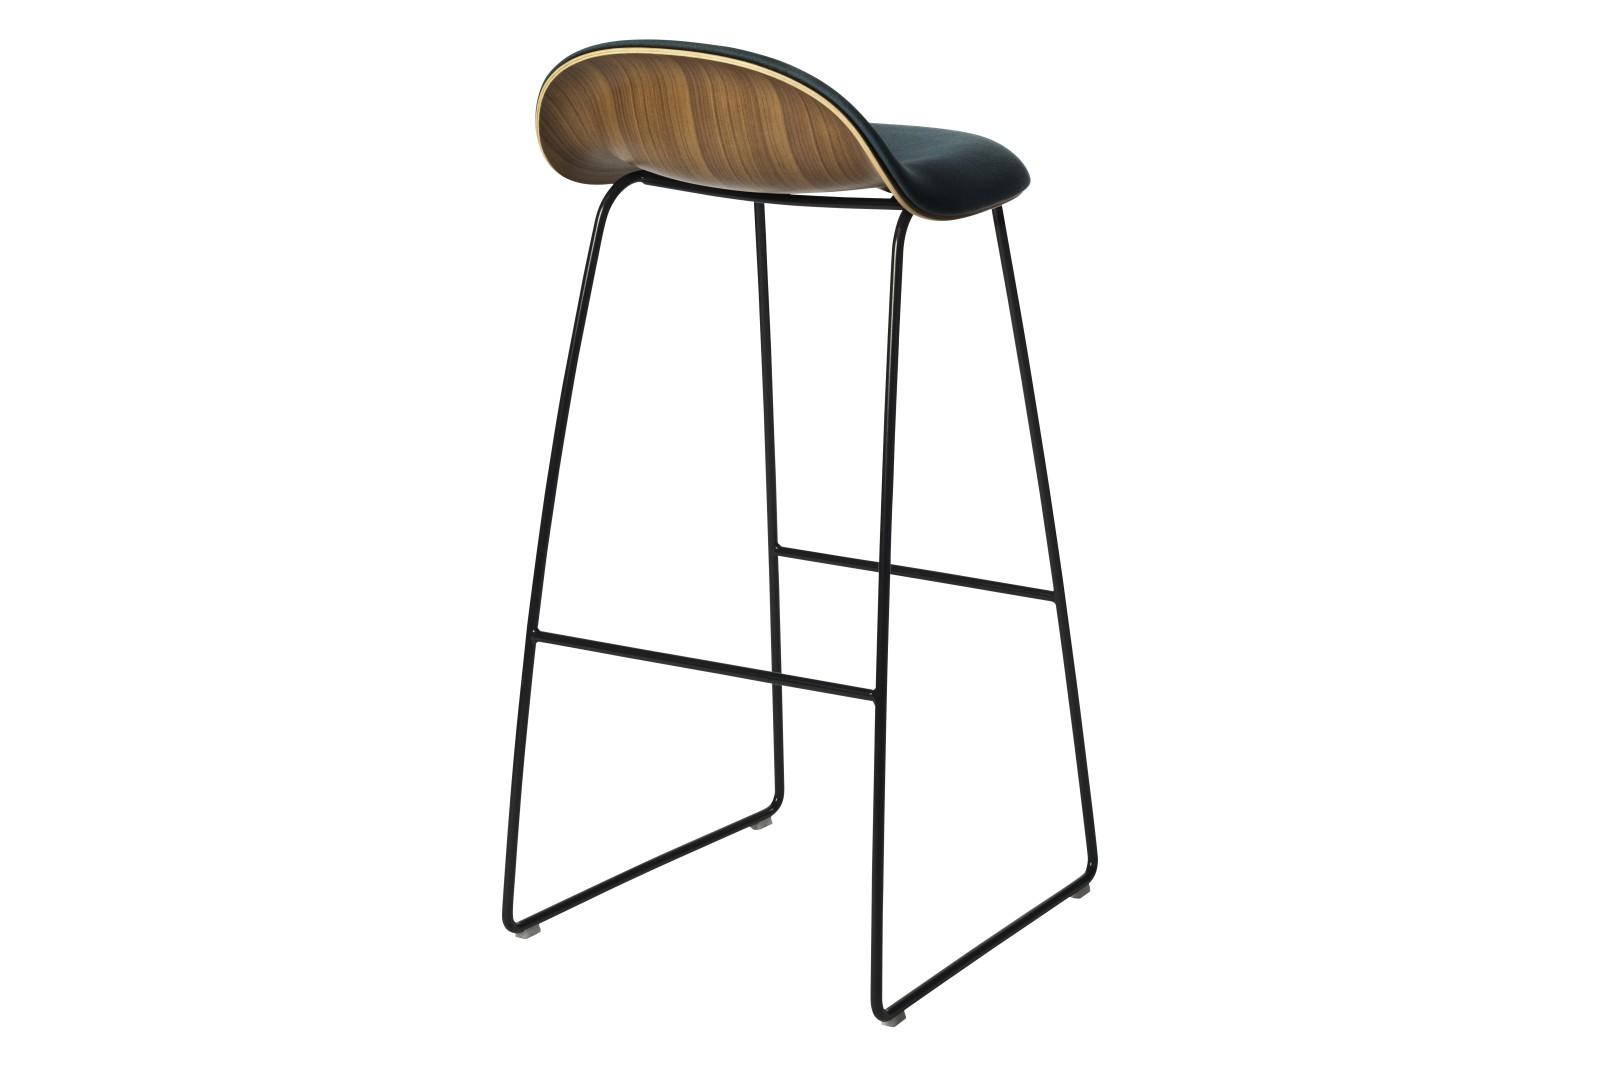 3D Bar Stool - Front Upholstered, Sledge base, Wood Shell Gubi Metal Black, Gubi Wood American Walnu